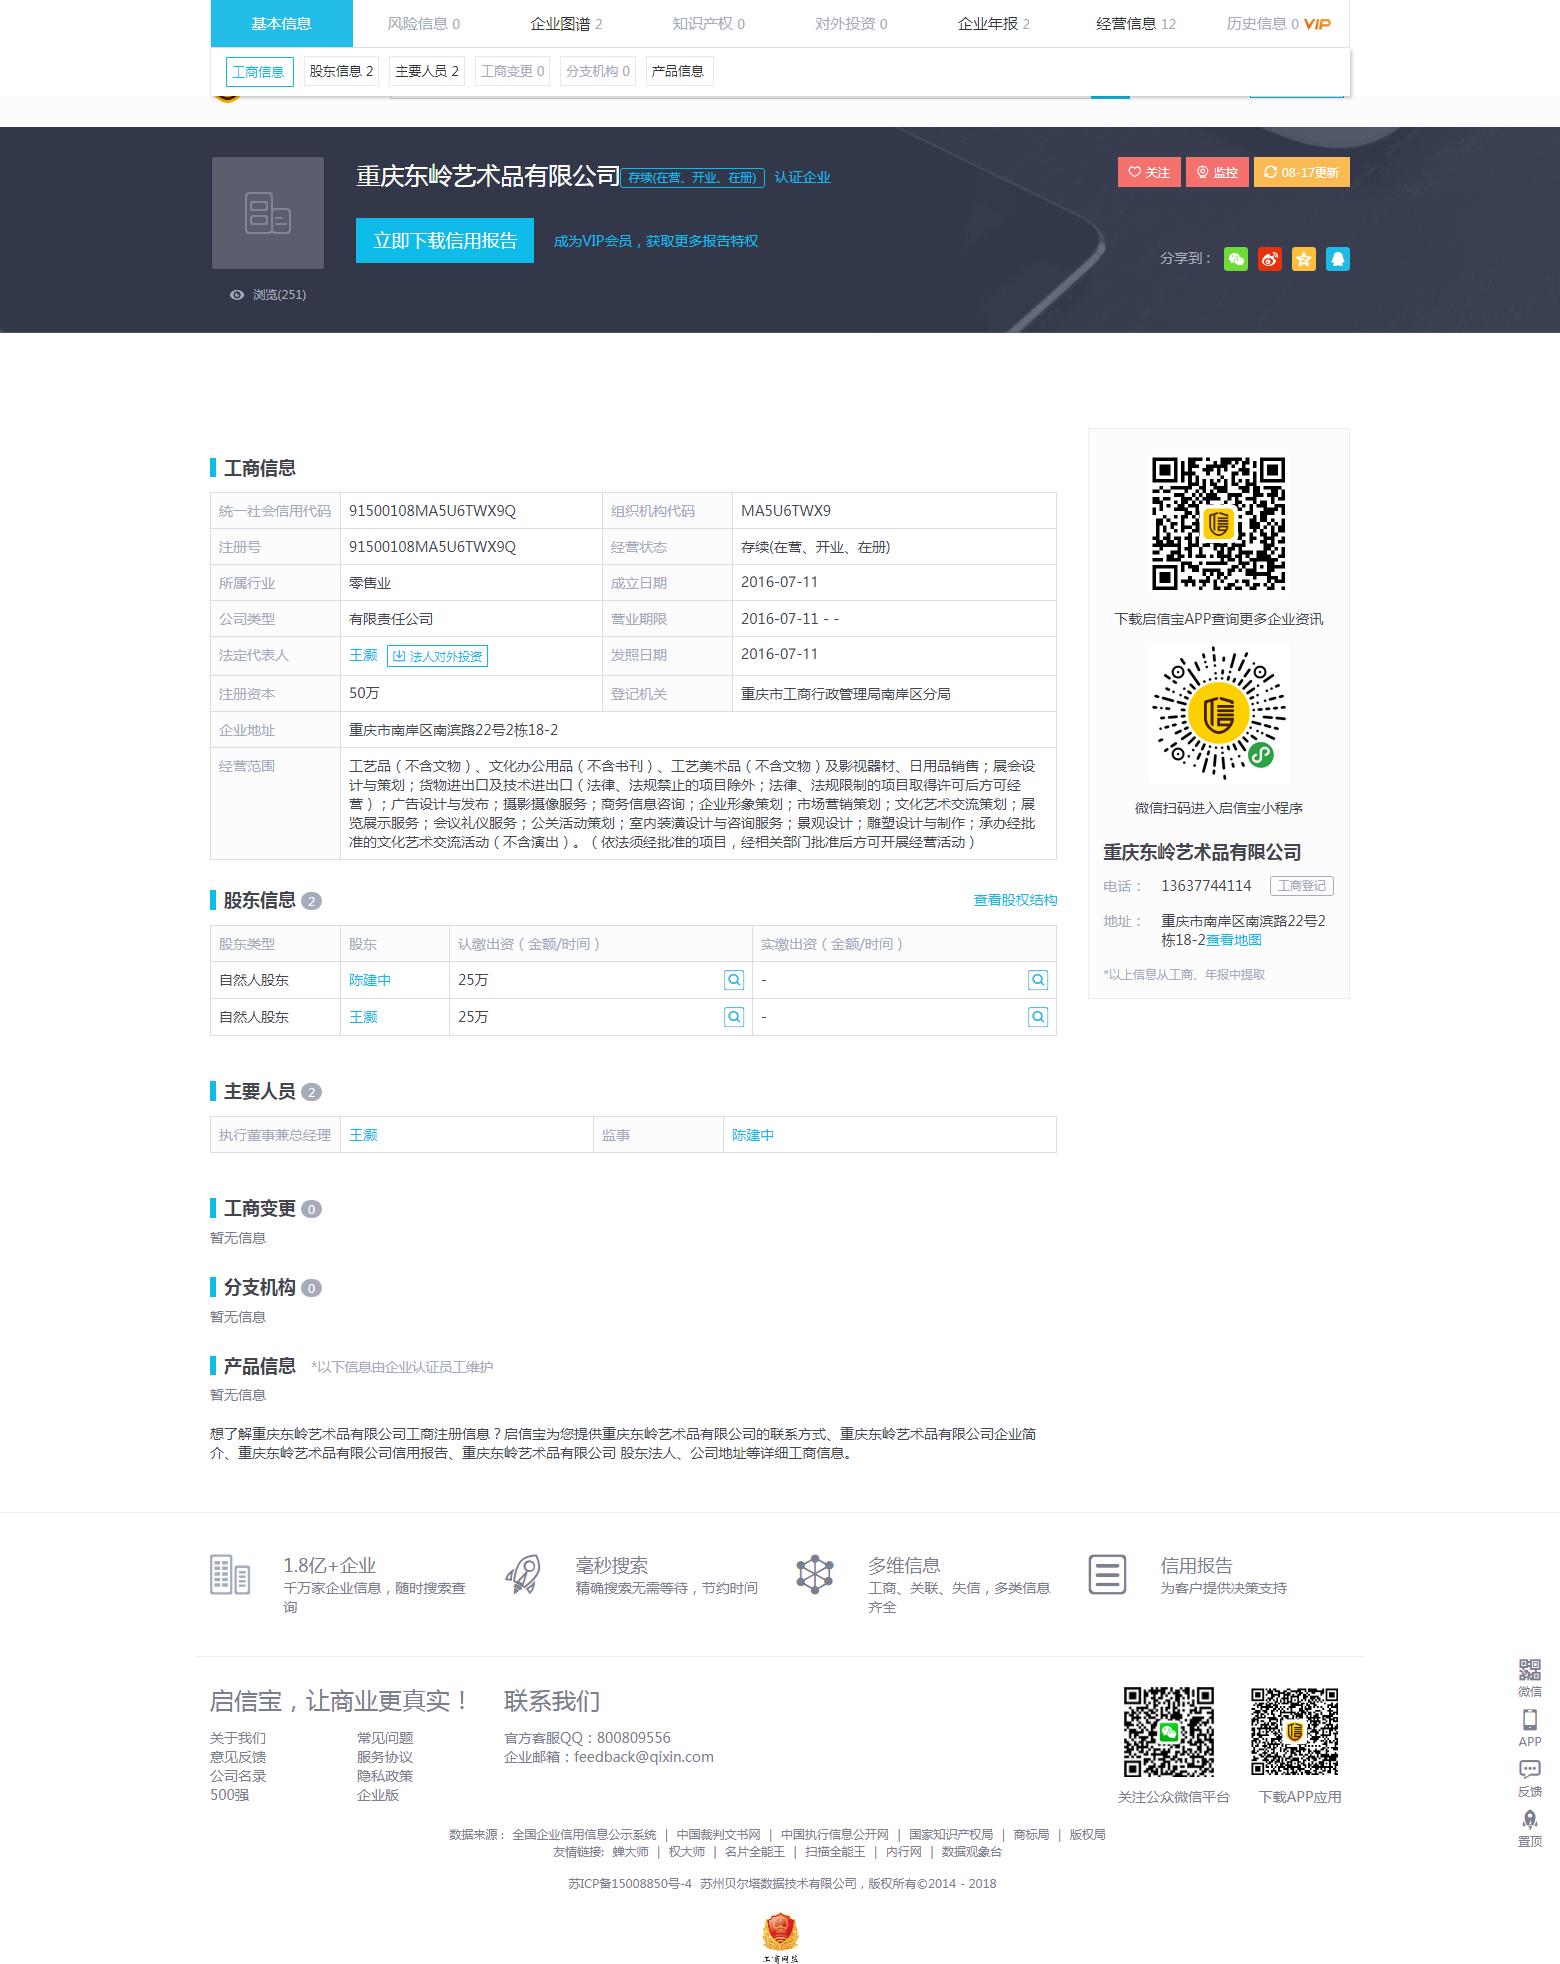 重庆东岭艺术品有限公司联系方式_信用报告_工商信息-启信宝.png